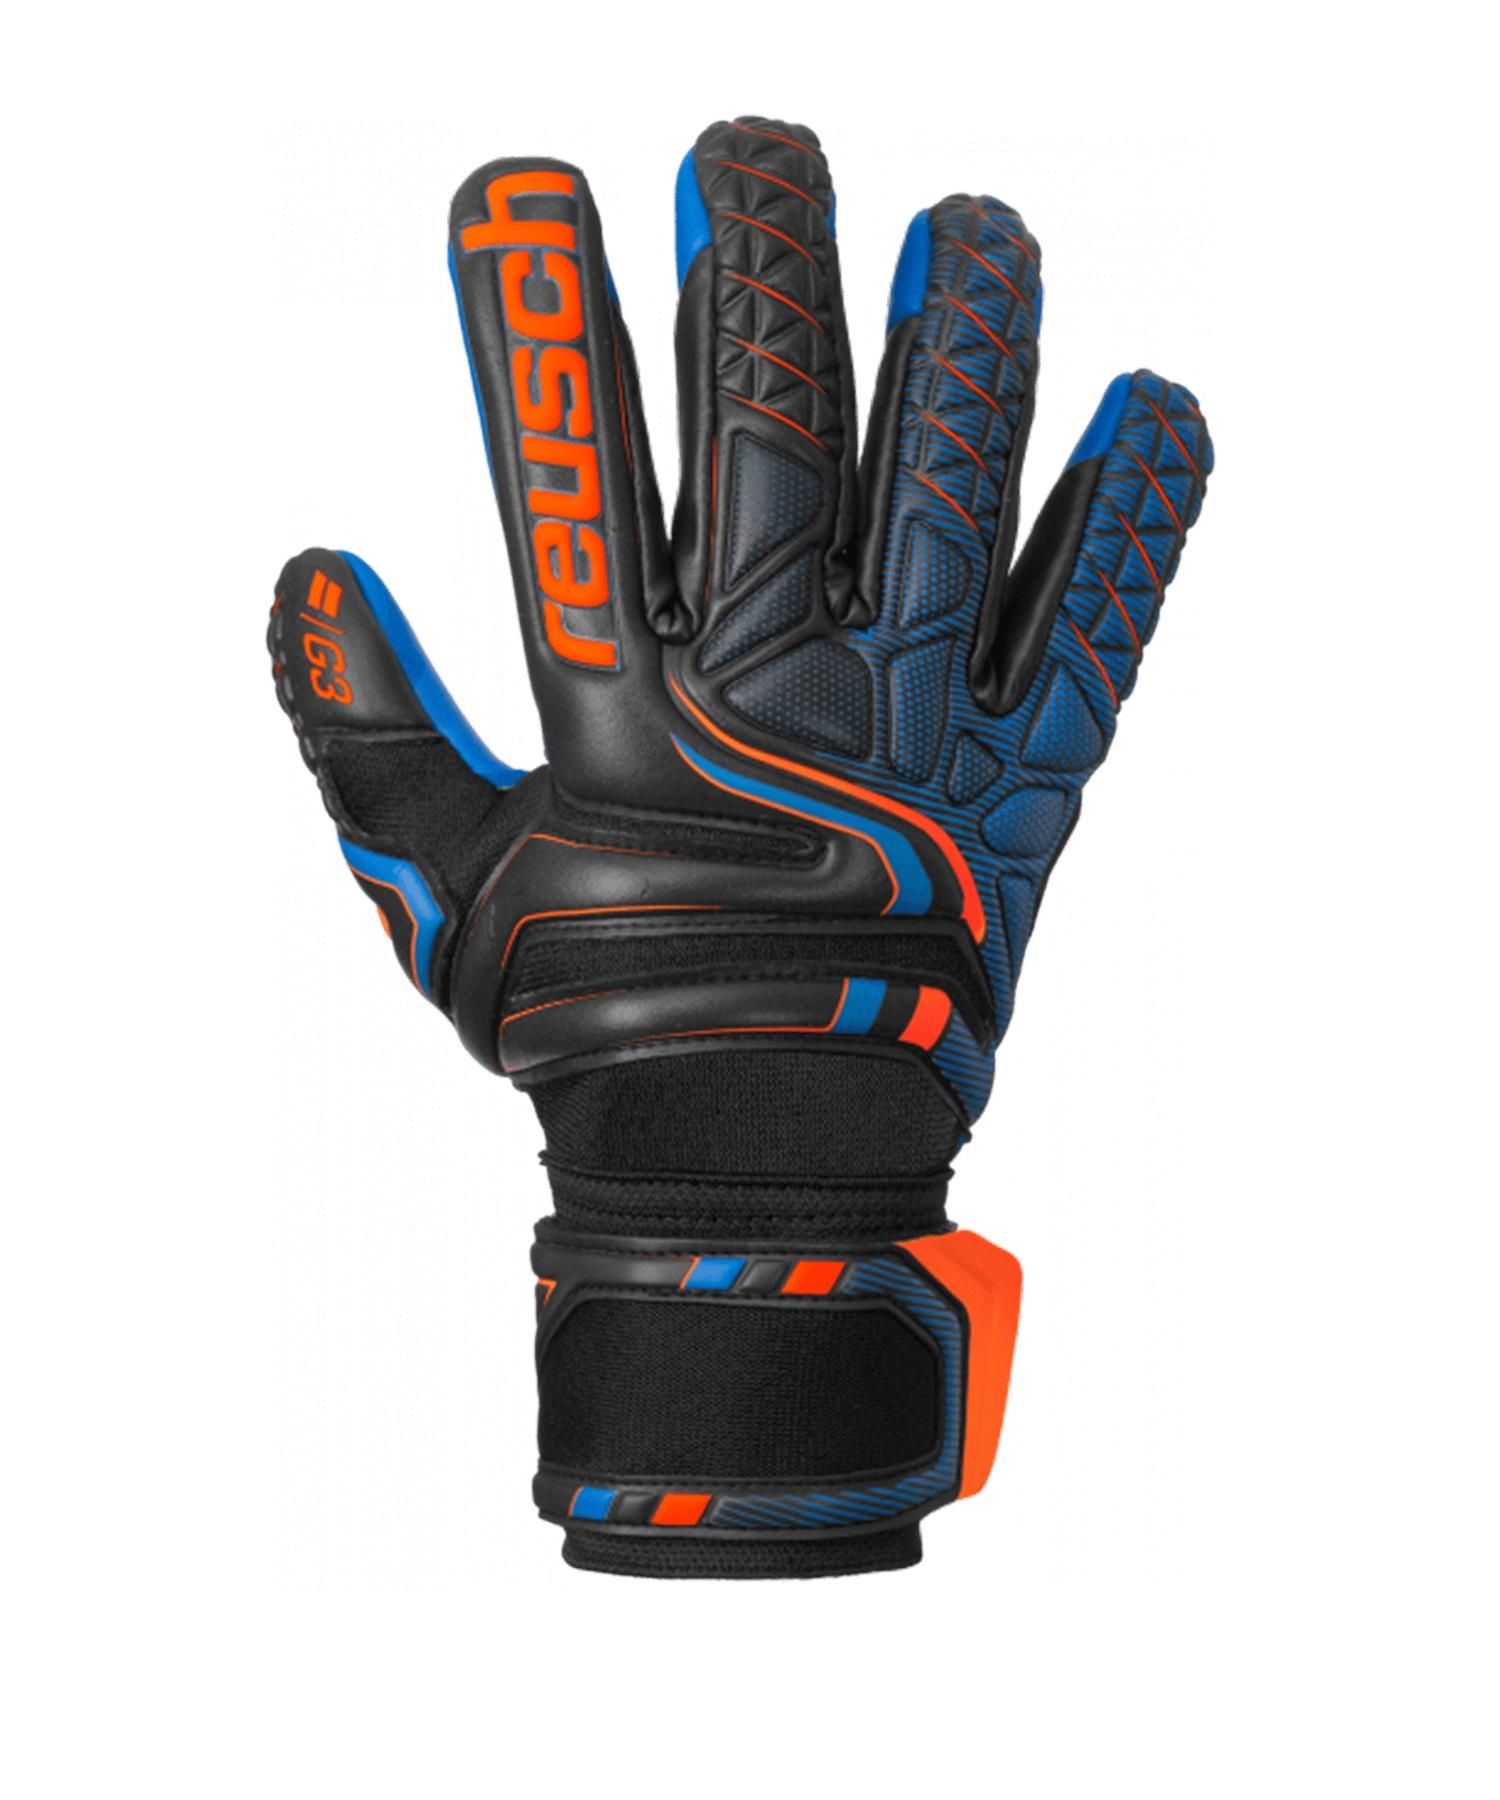 Reusch G3 Fusion Evolution NC TW-Handschuh F7083 - schwarz